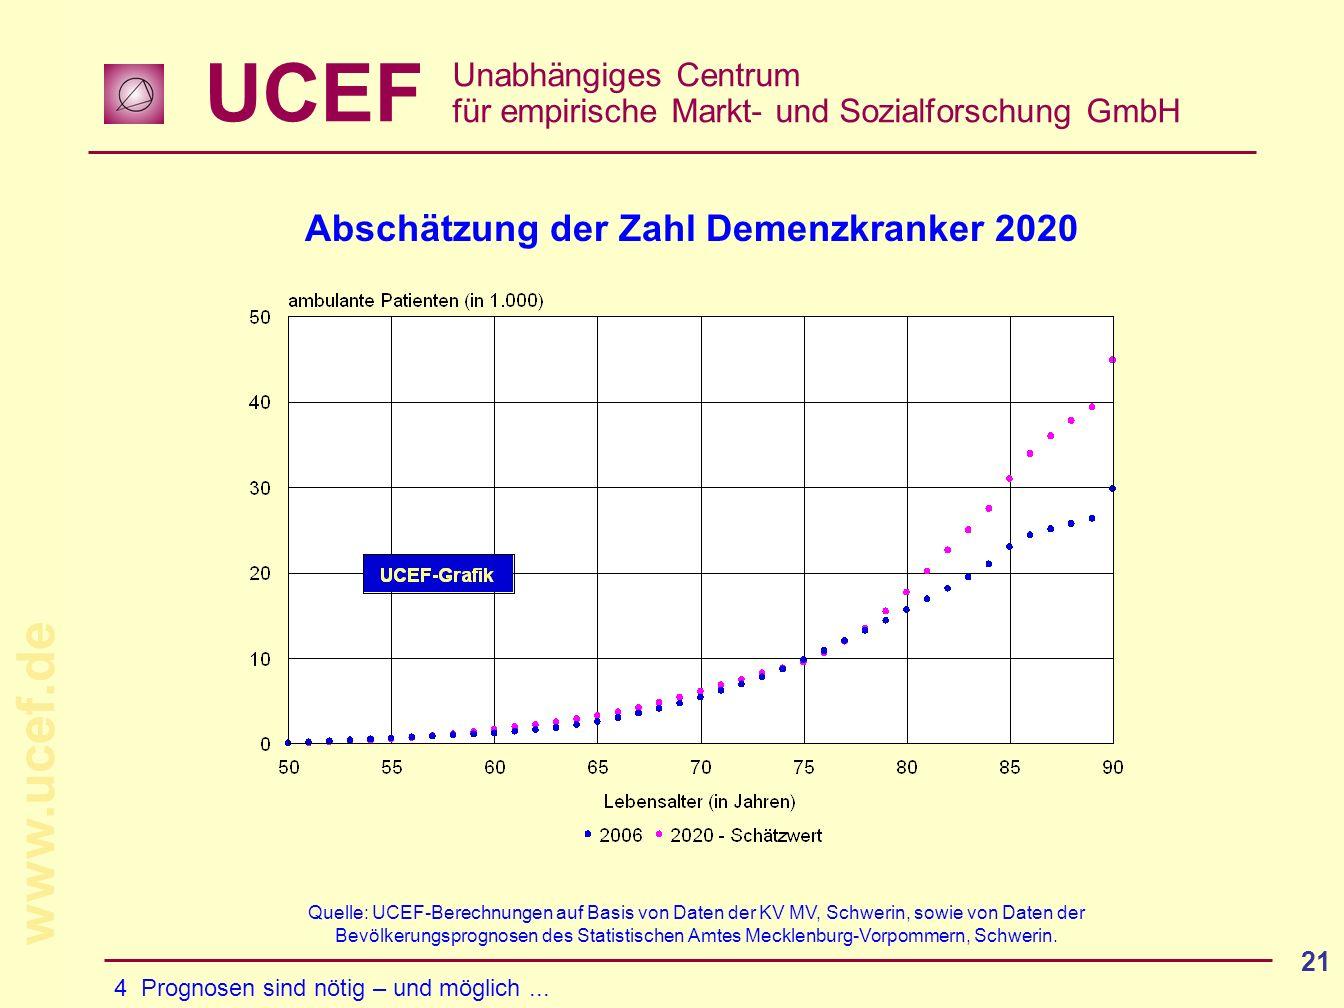 Abschätzung der Zahl Demenzkranker 2020